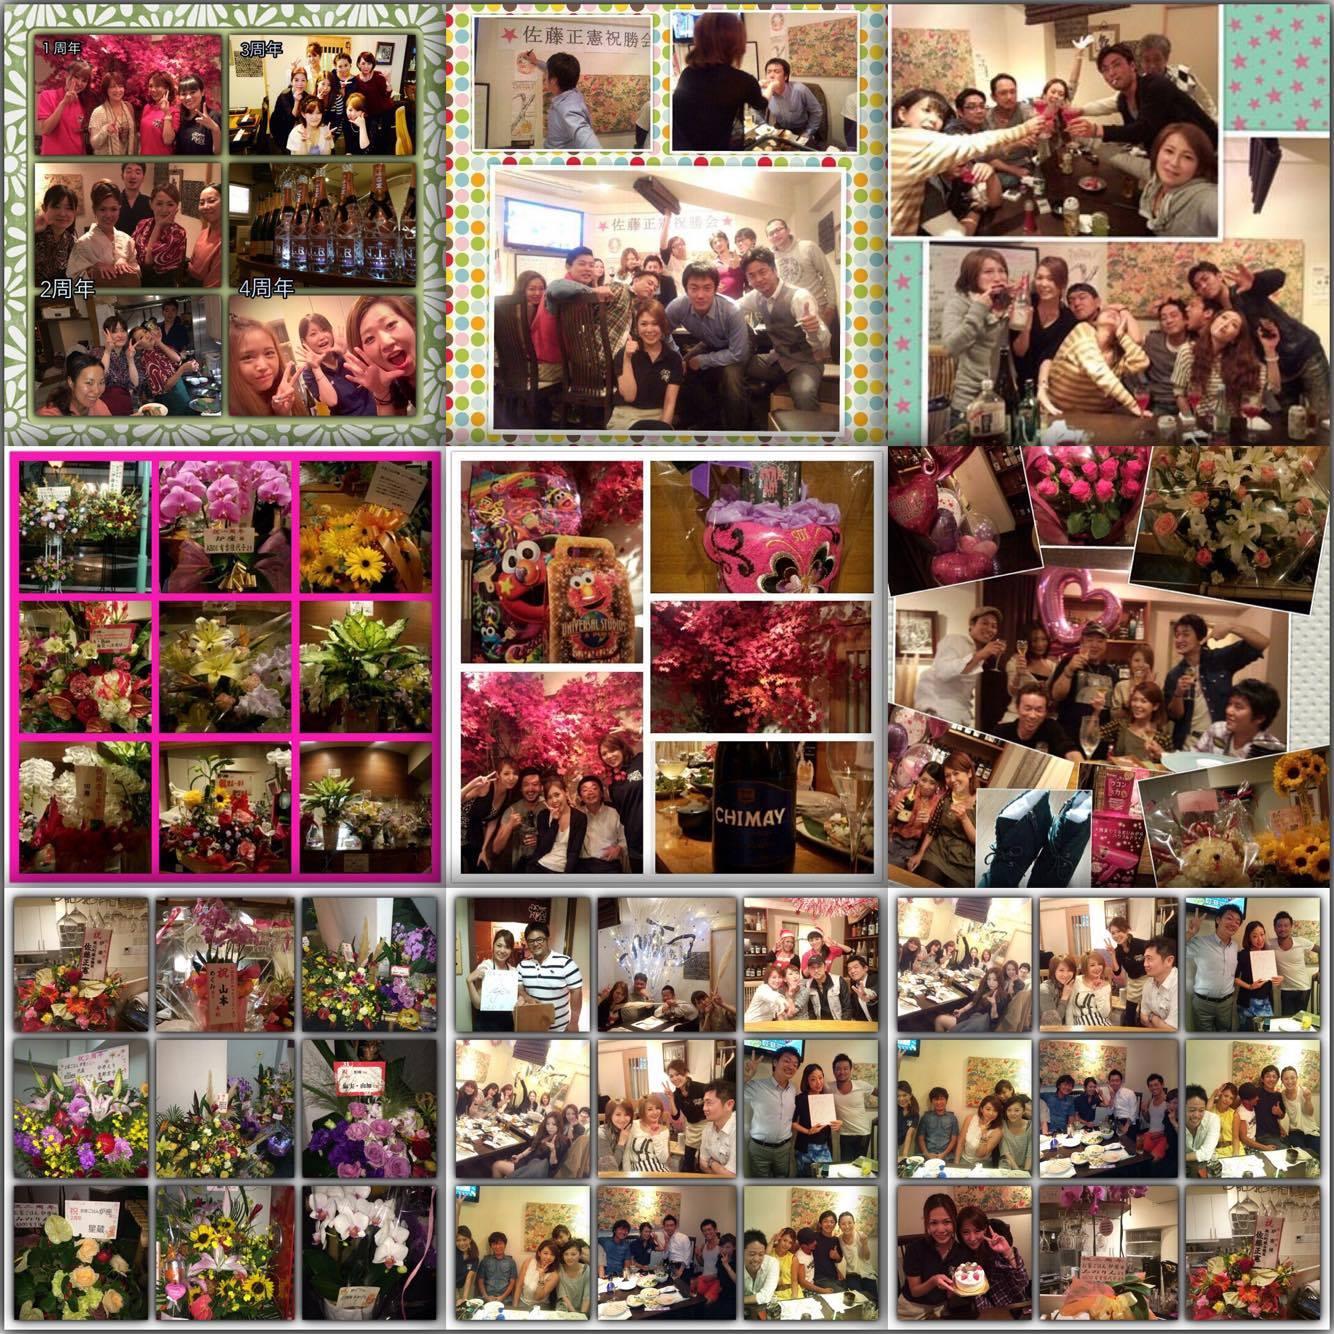 【5周年】お家ごはん炉座 @ お家ごはん炉座 | 横浜市 | 神奈川県 | 日本